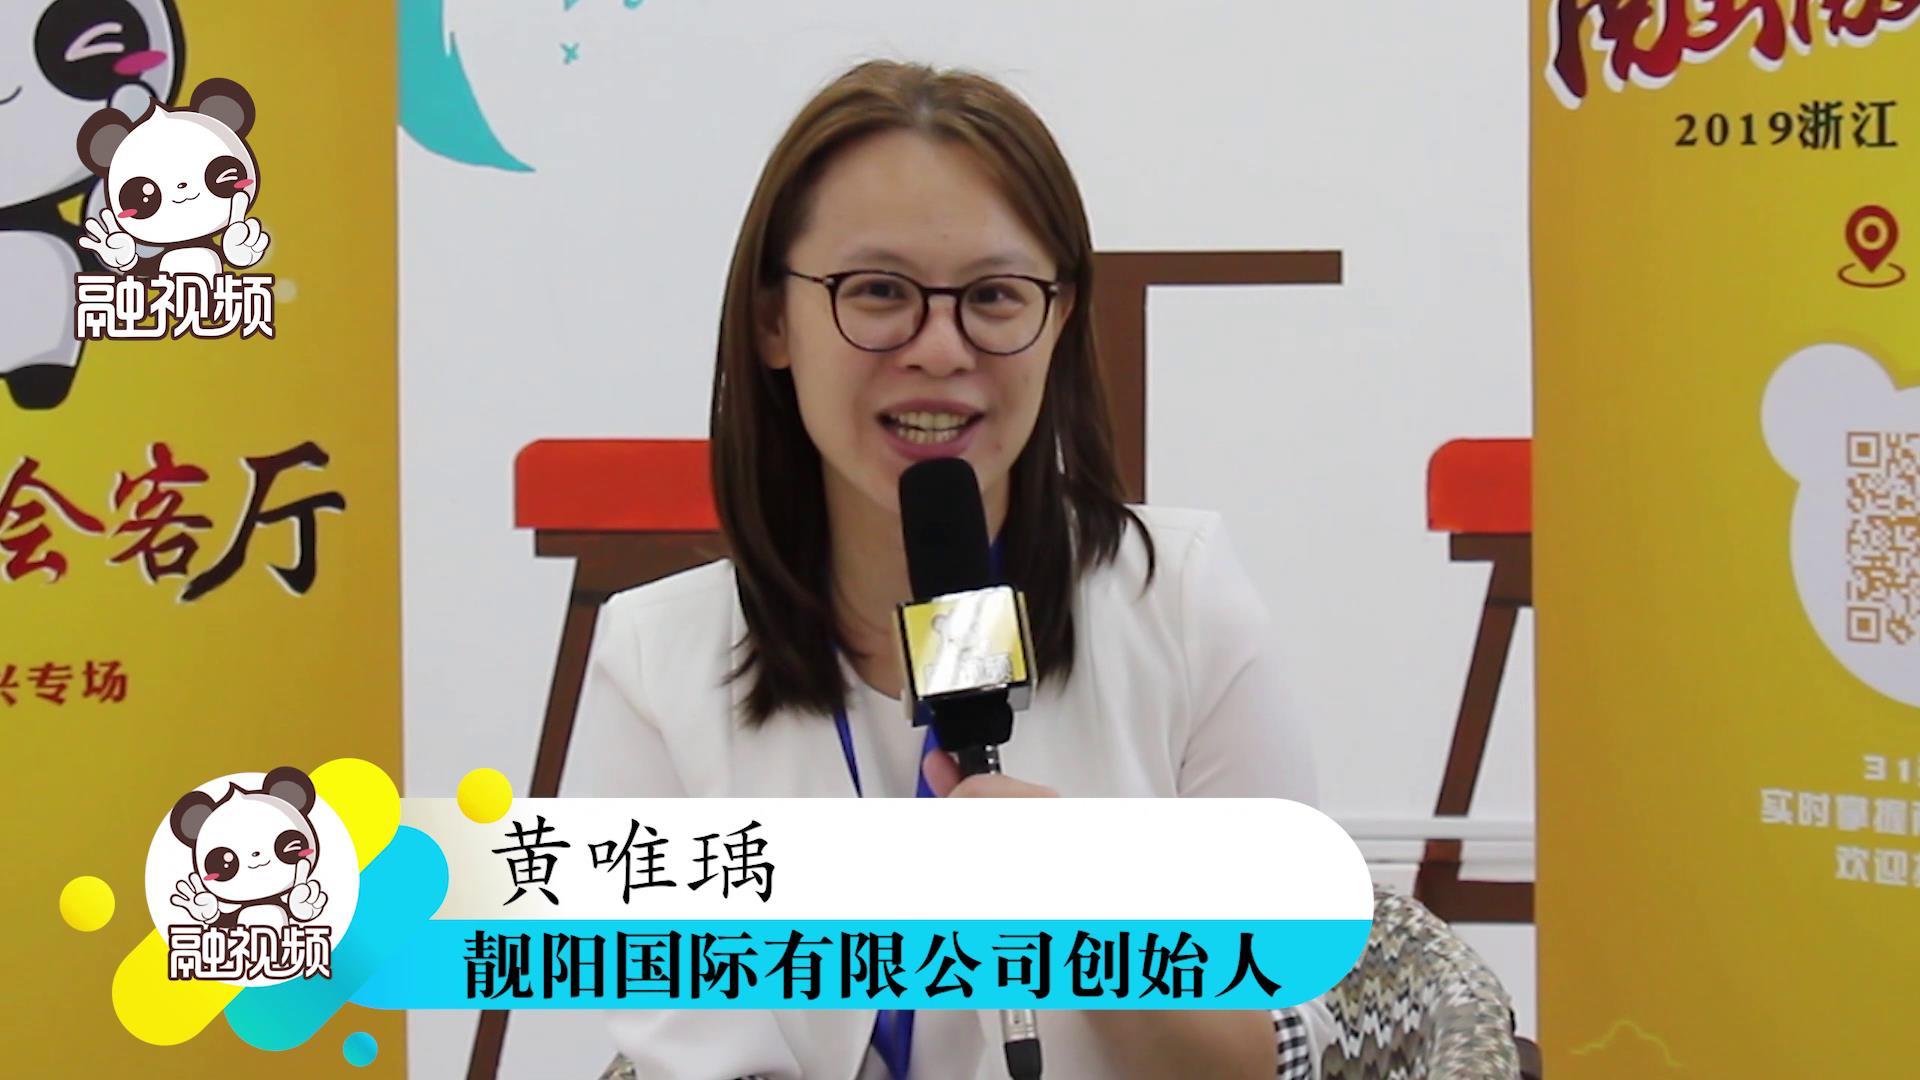 专访靓阳国际有限公司创始人黄唯瑀图片